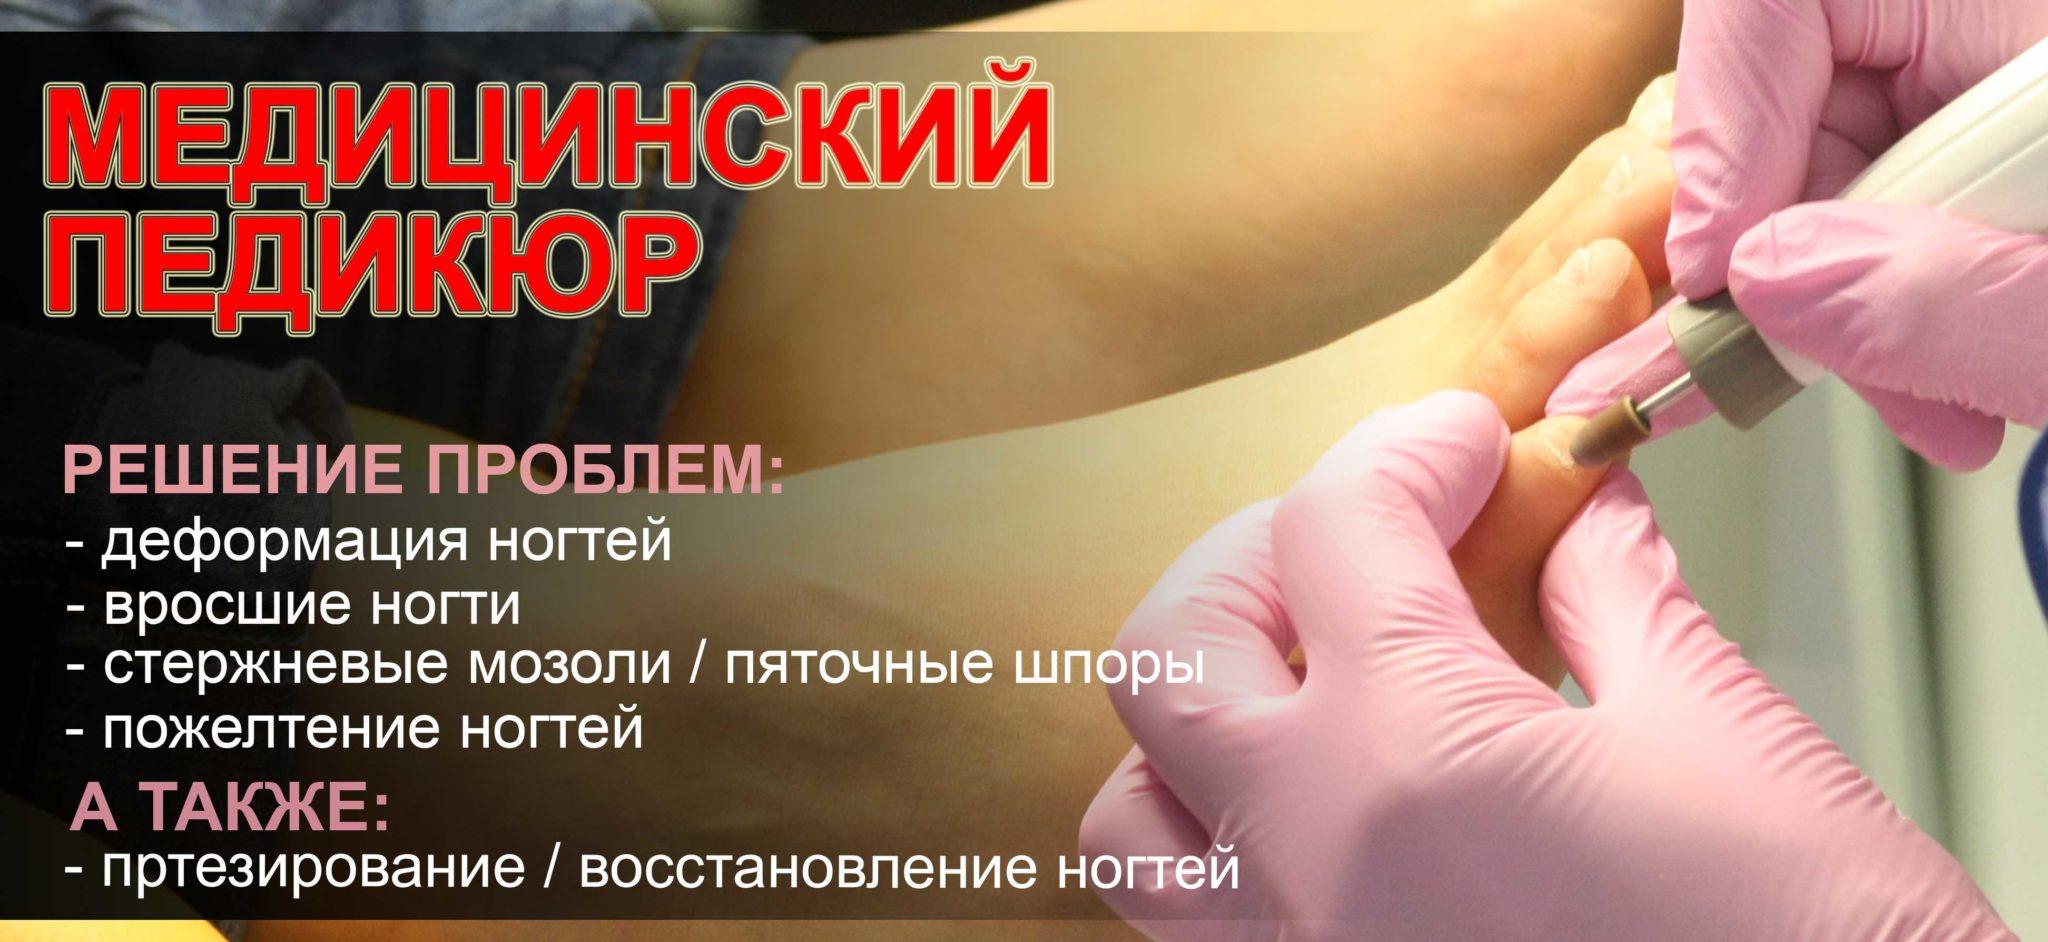 Помогает ли лазер при грибке ногтей